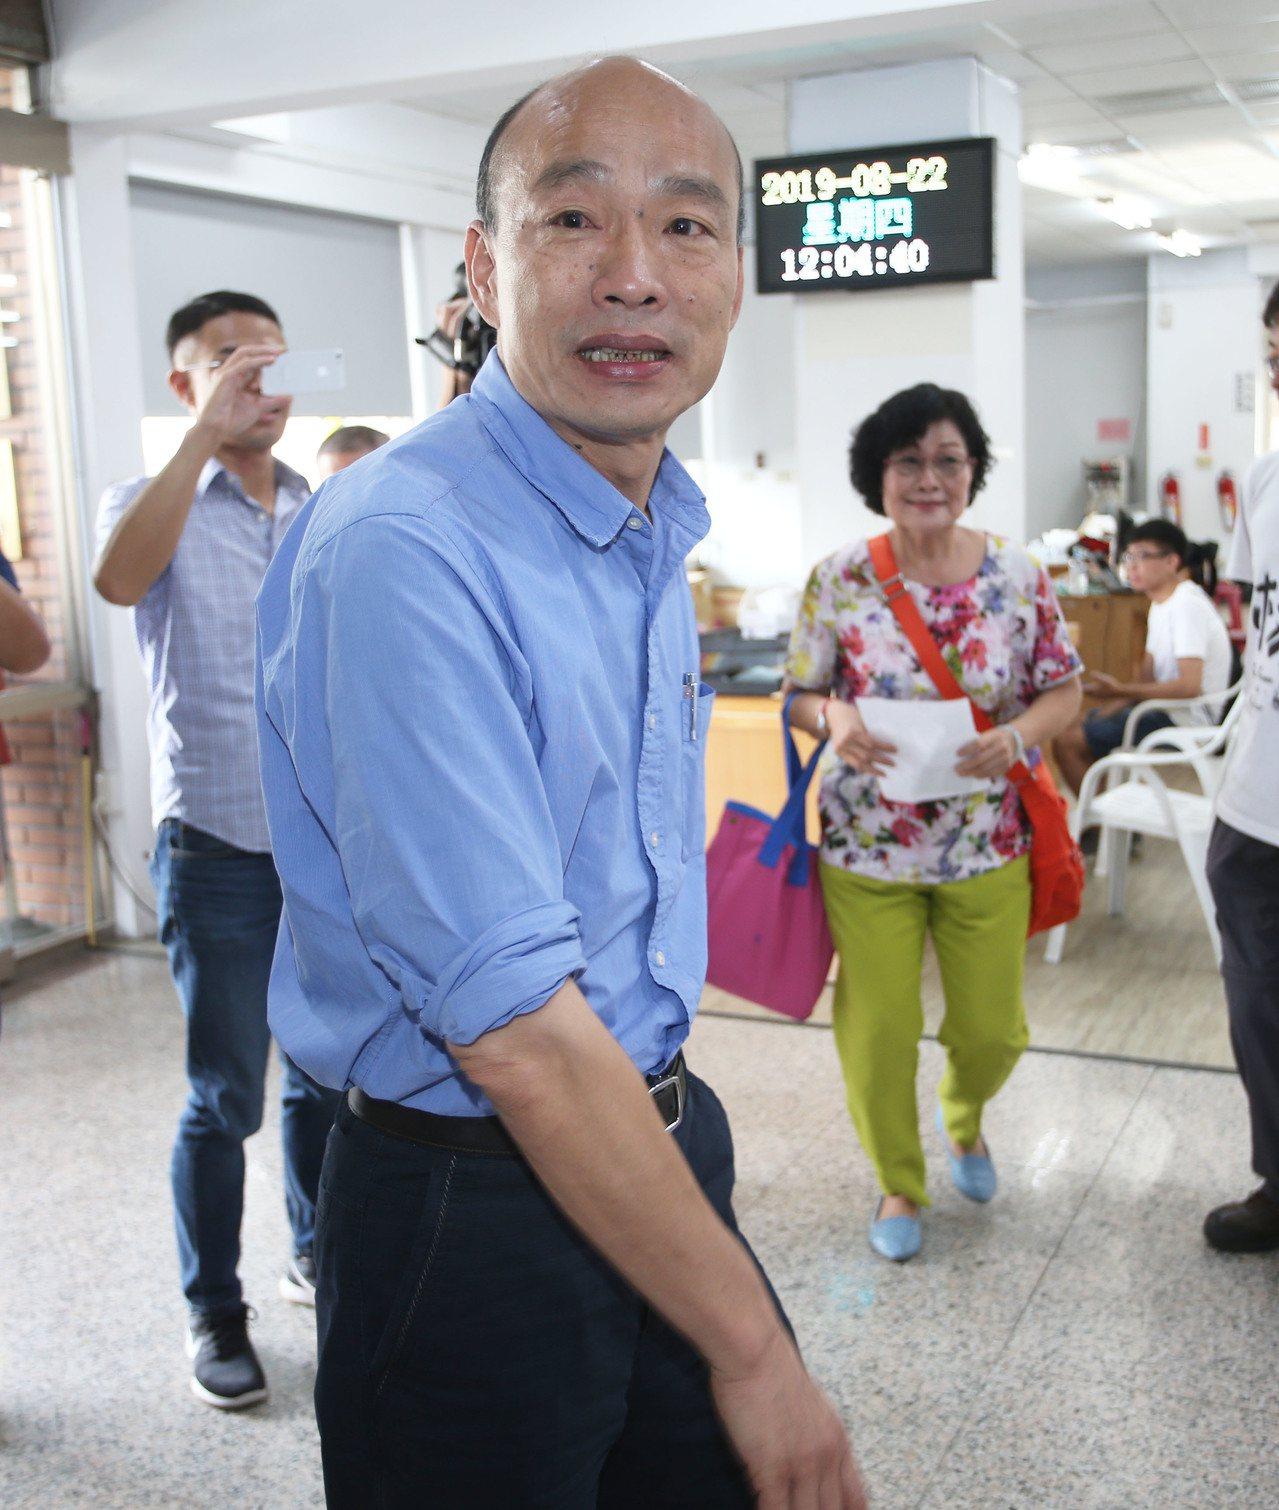 国民党总统候选人韩国瑜。本报资料照片